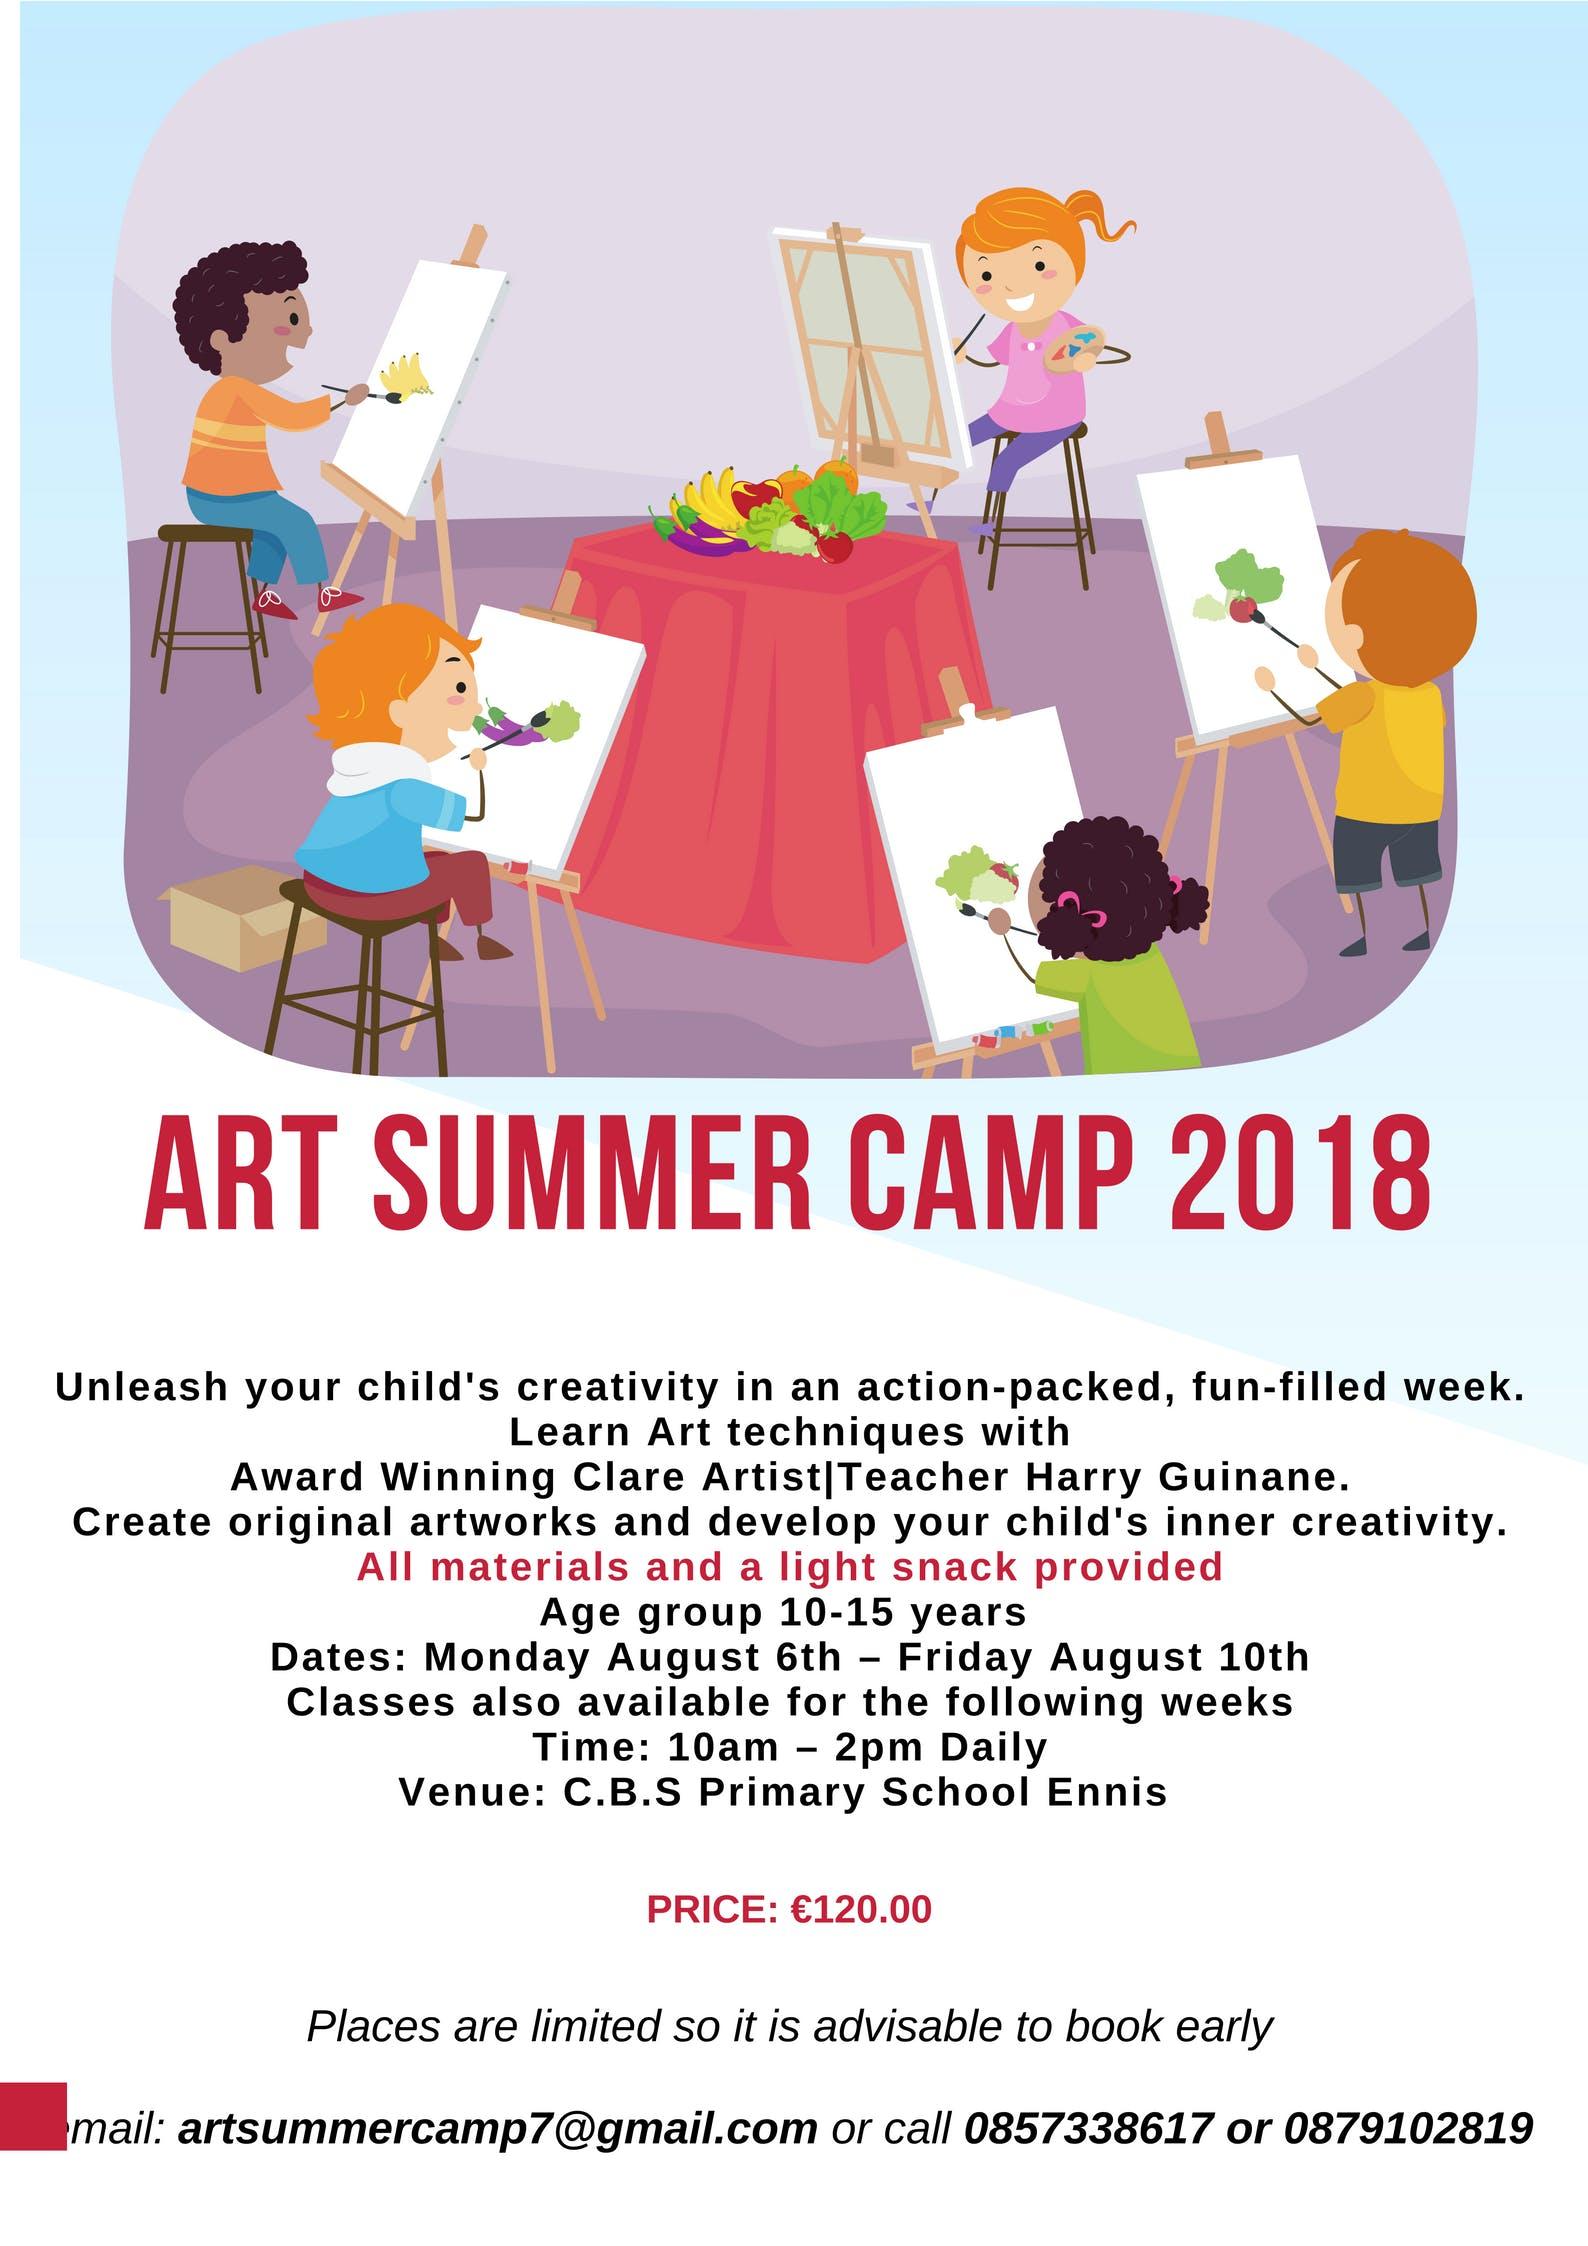 Art Summer Camp 2018